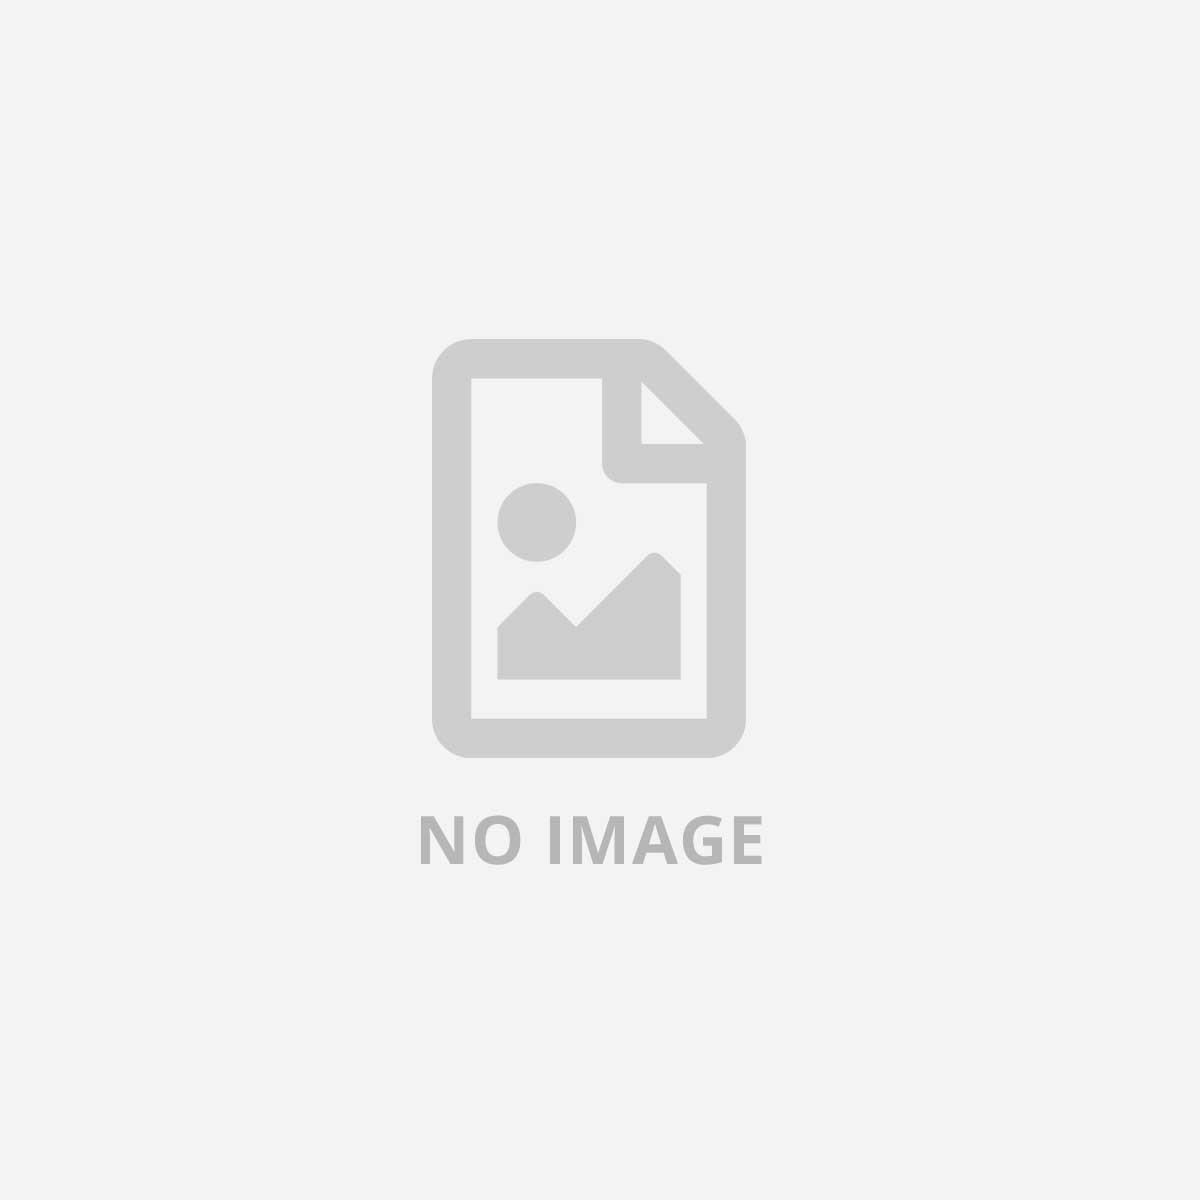 ANTEC NE550C EC 80+ BRONZE